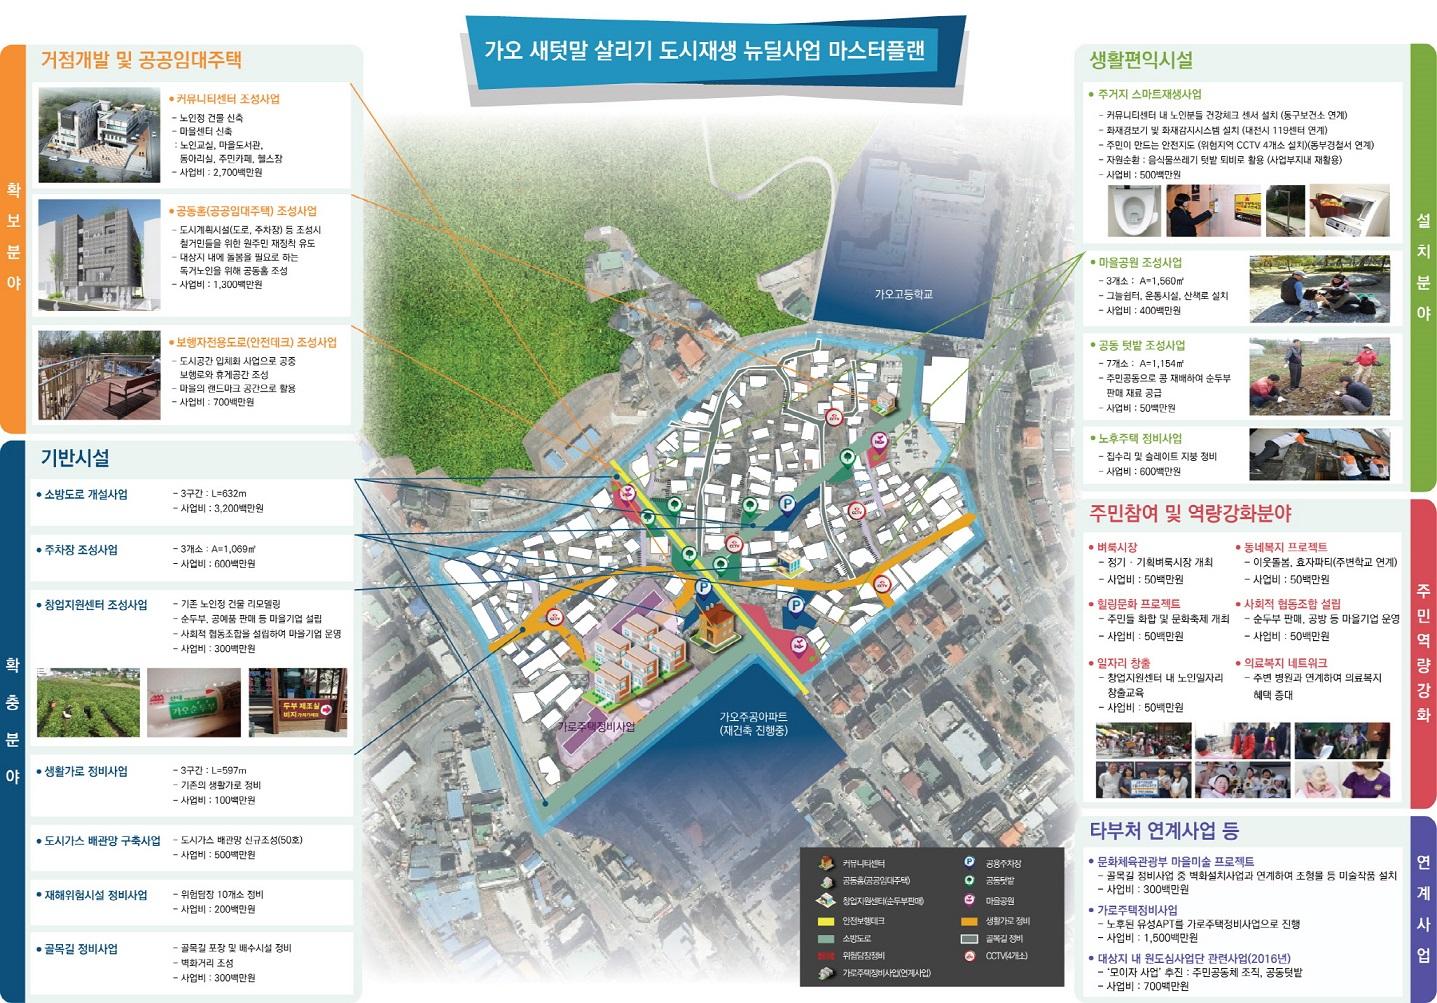 동구- 가오동 주거지지원형사업.jpg